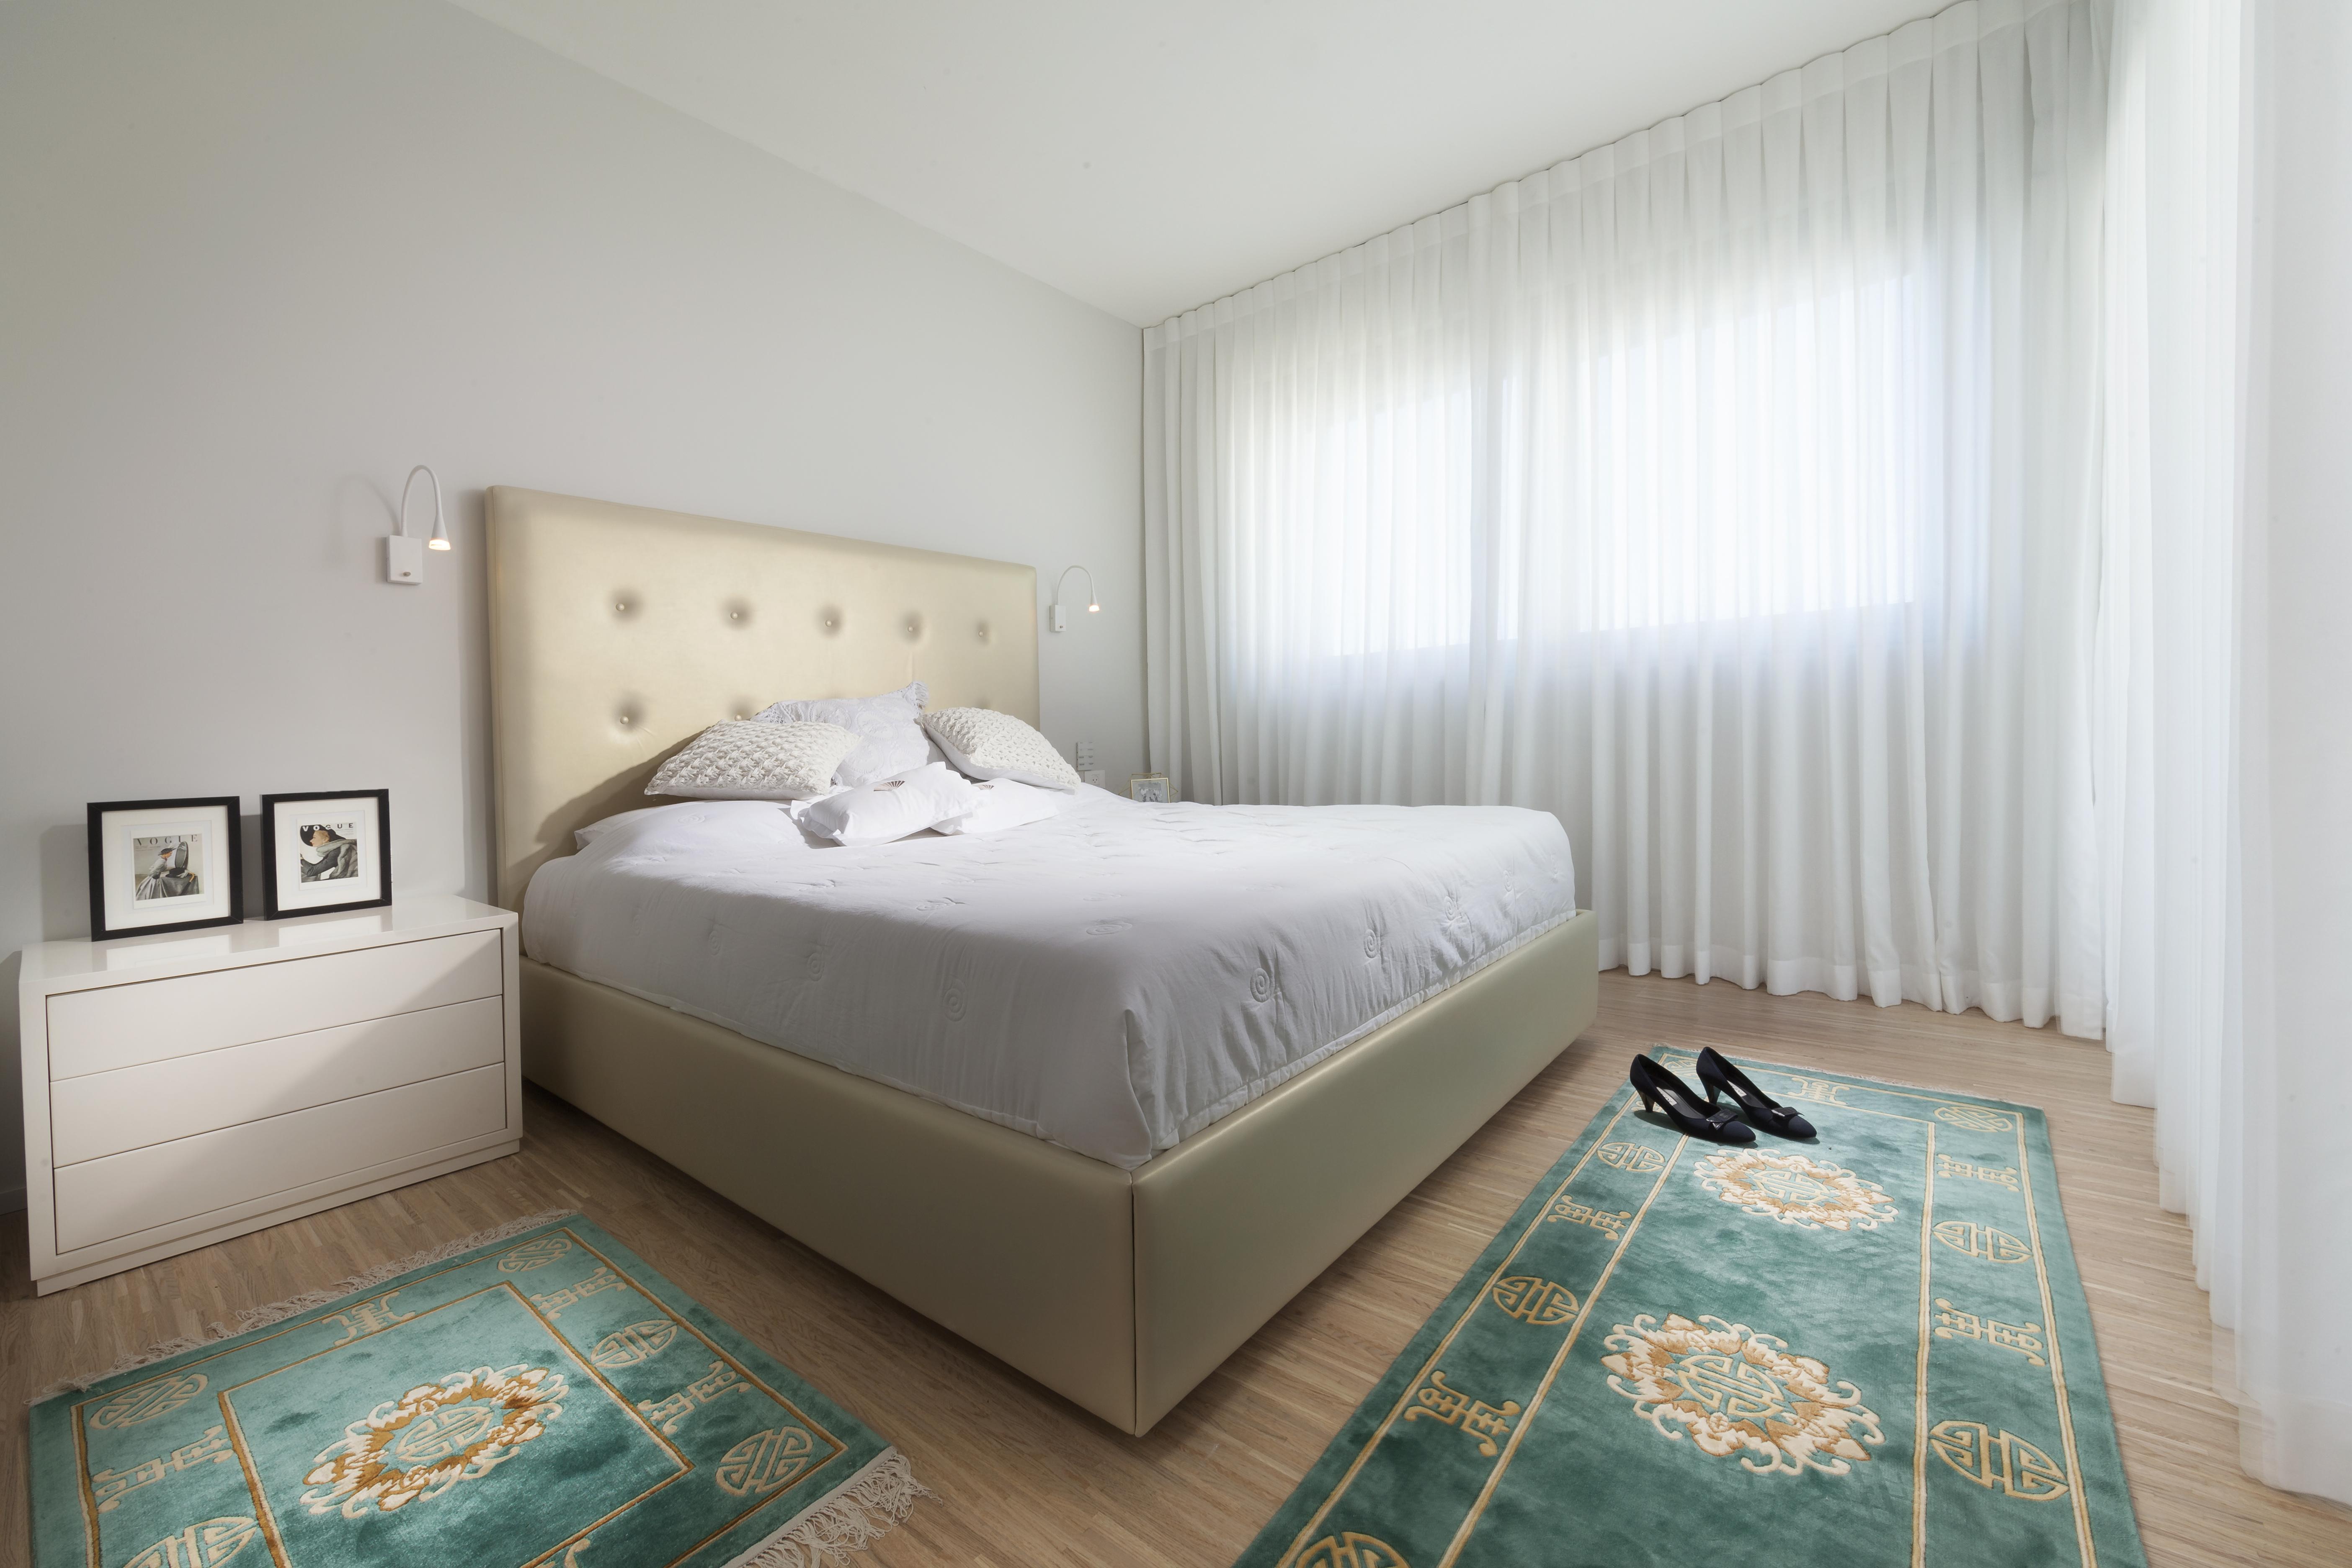 חדר שינה מעוצב בצבע לבן